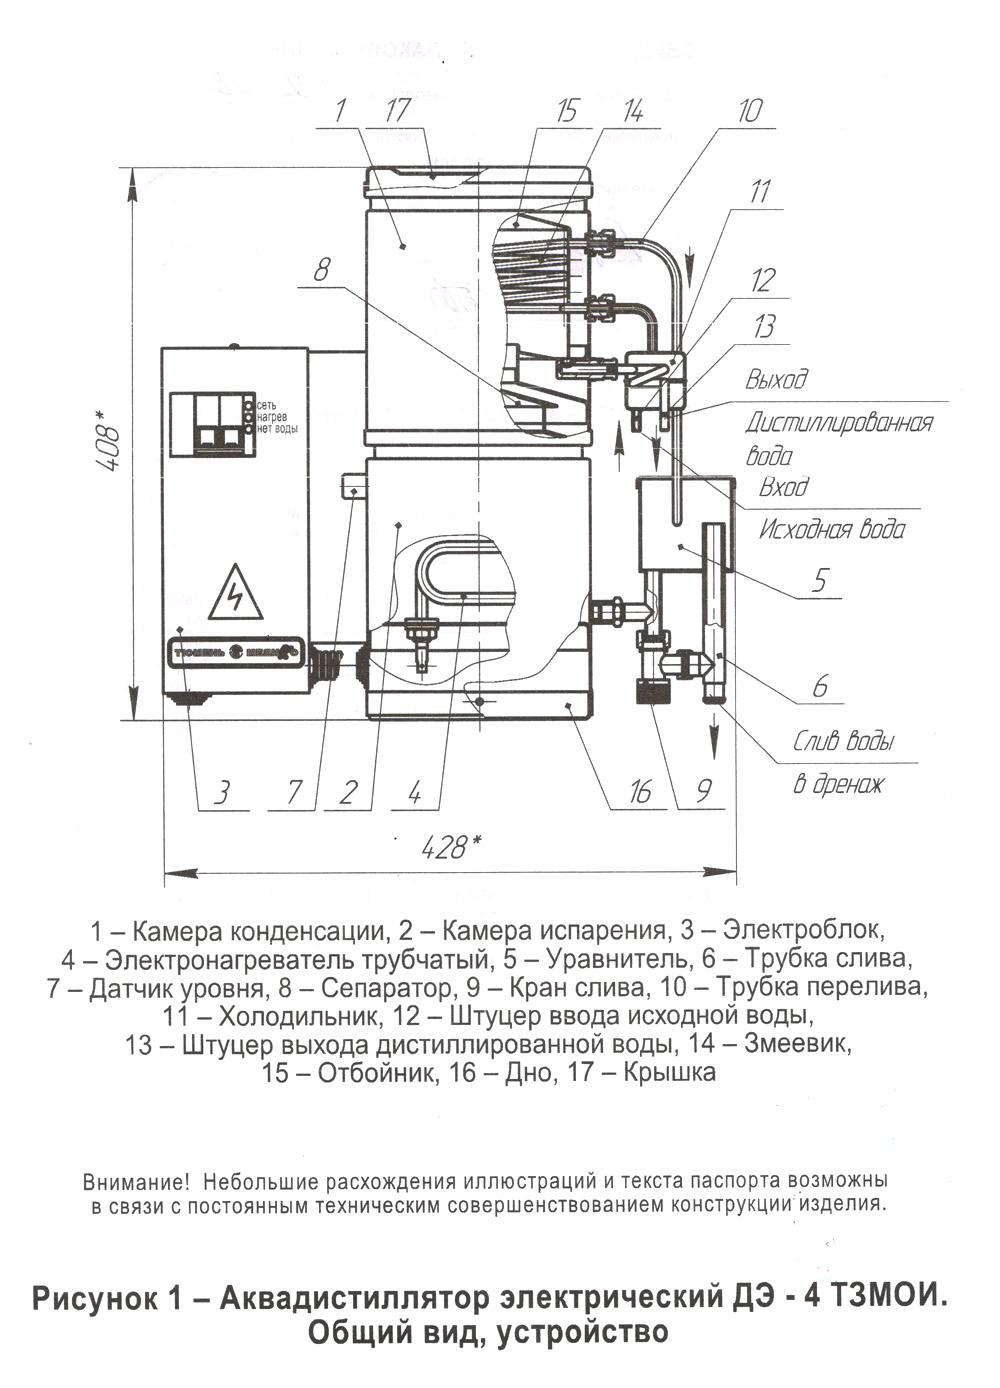 Аквадистиляторы Статьи Аквадистиллятор дэ-4 схема соединения